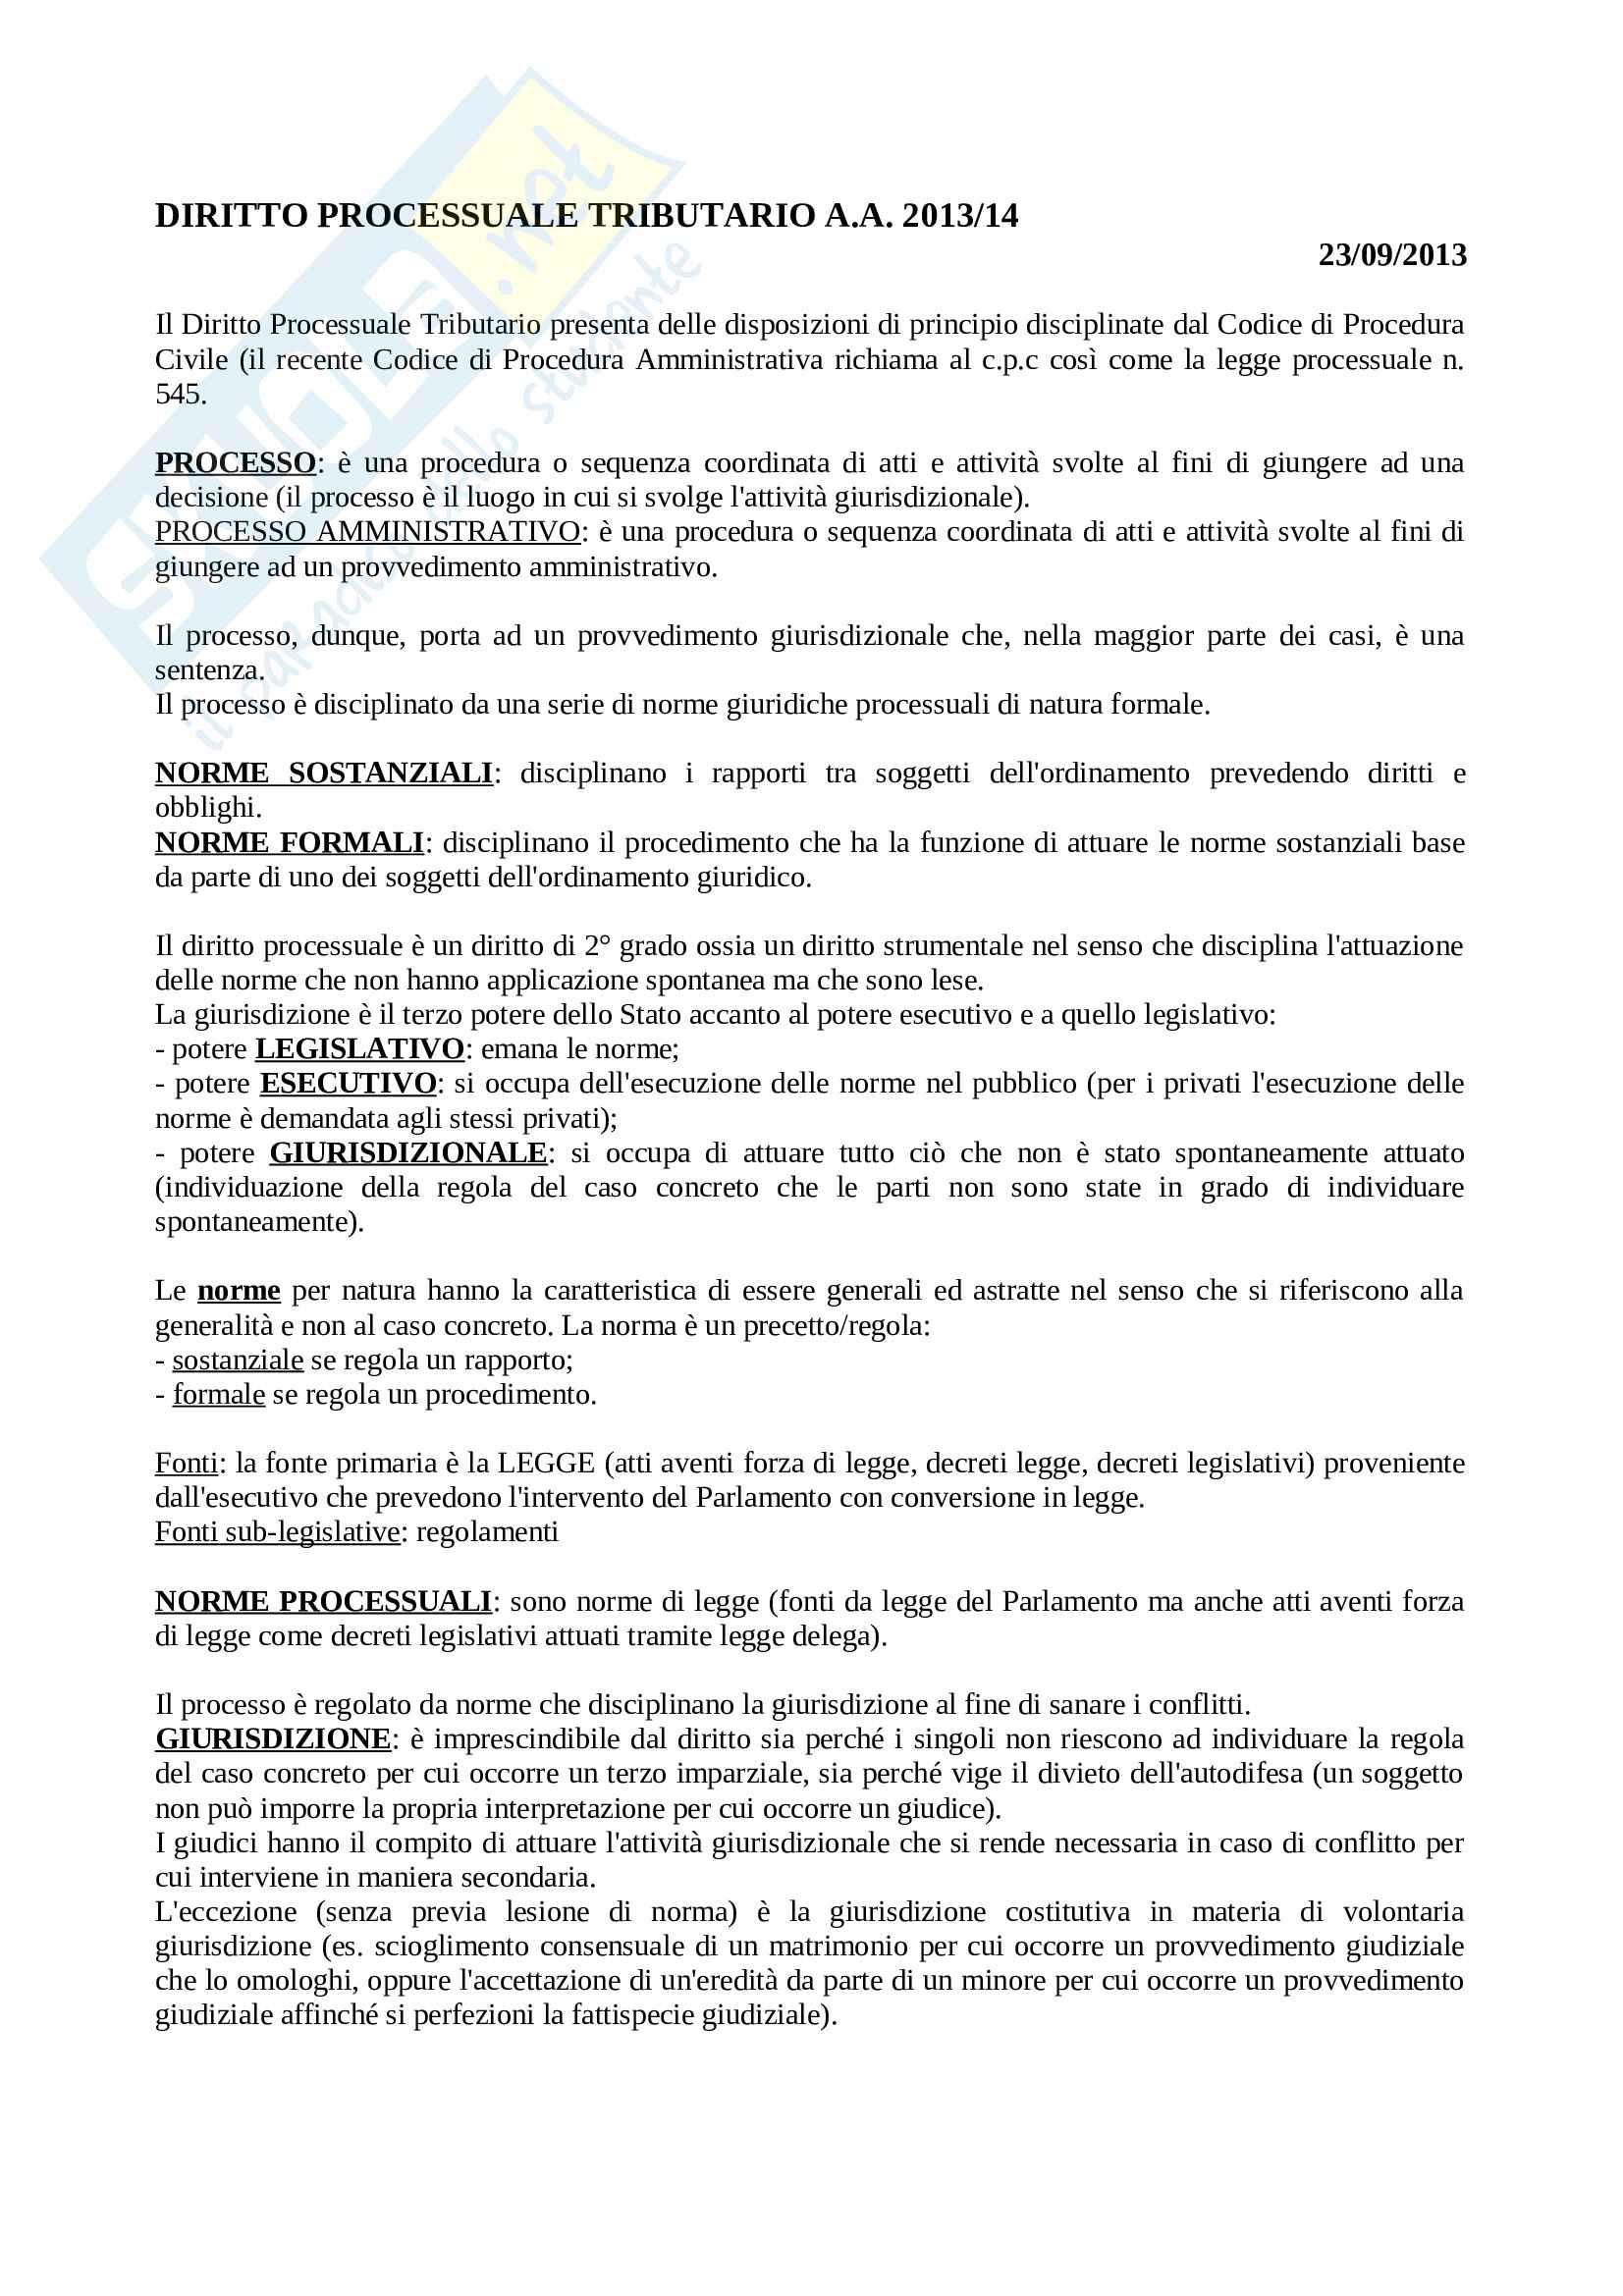 Diritto processuale tributario - Appunti Pag. 1